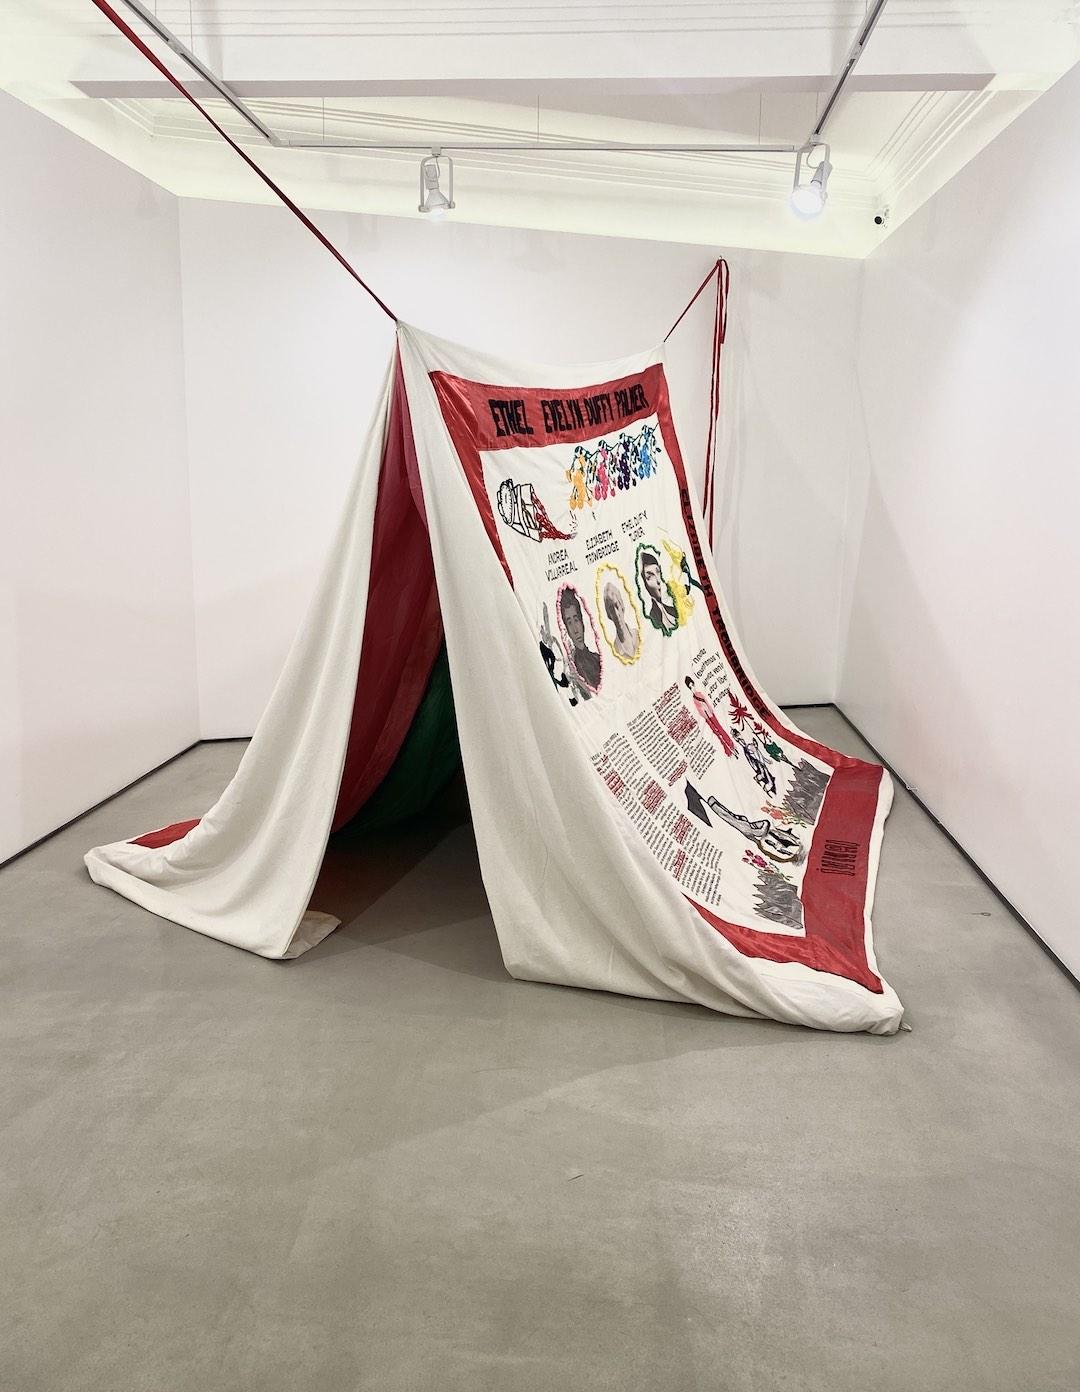 Obra de Eunice Adorno en El universo se encogió en madejas fantasmales. Cortesía de LaNao